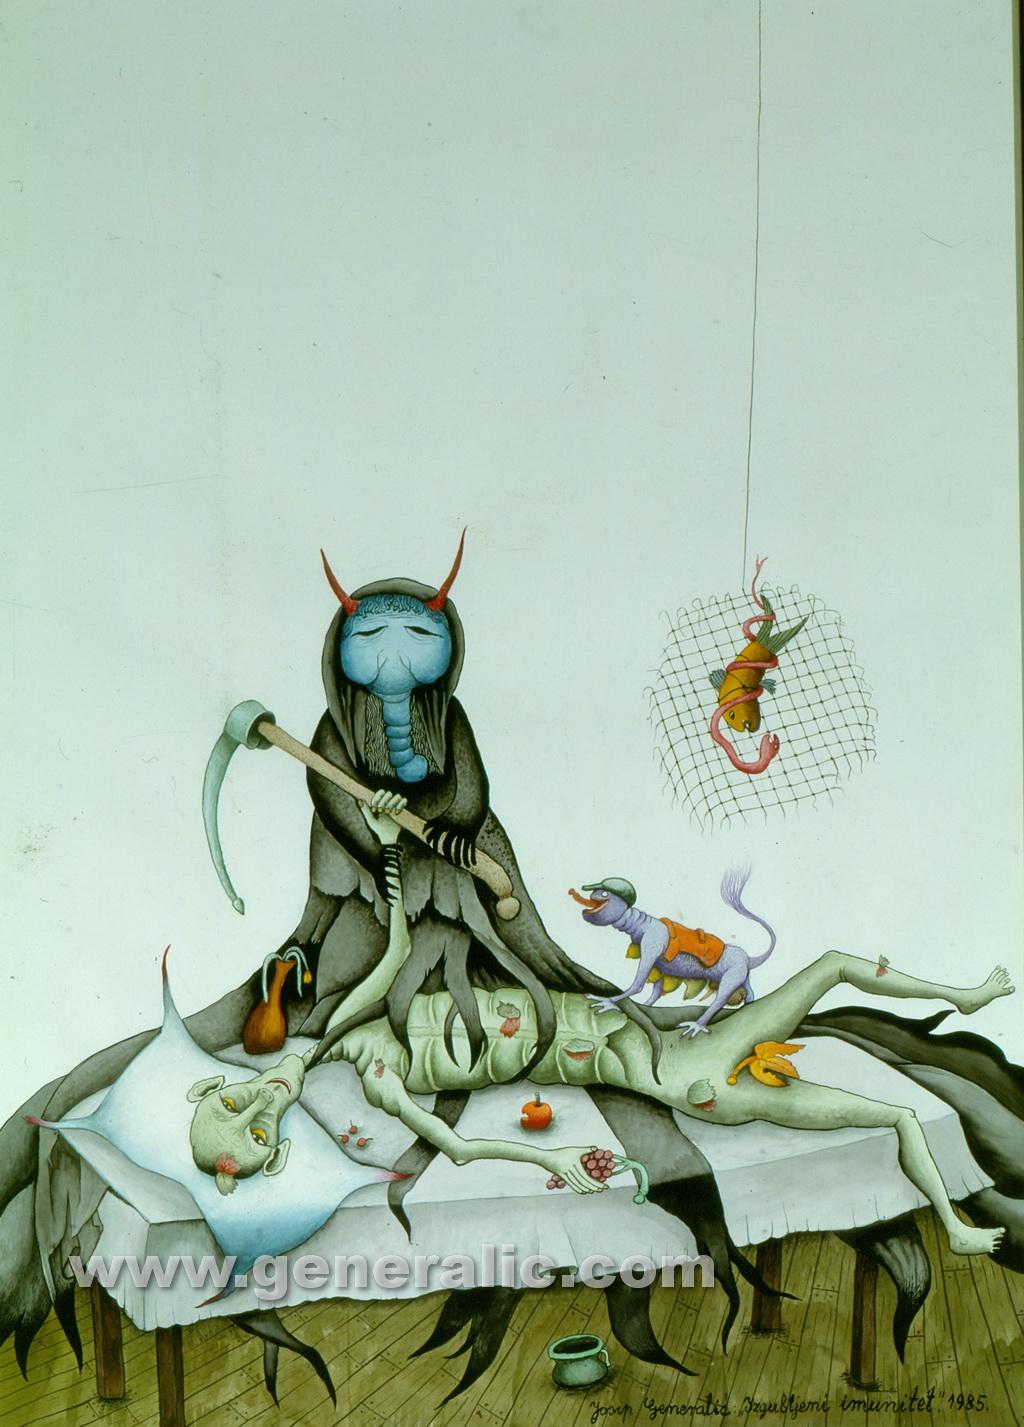 Josip Generalic, 1985, Lost immunity, watercolour